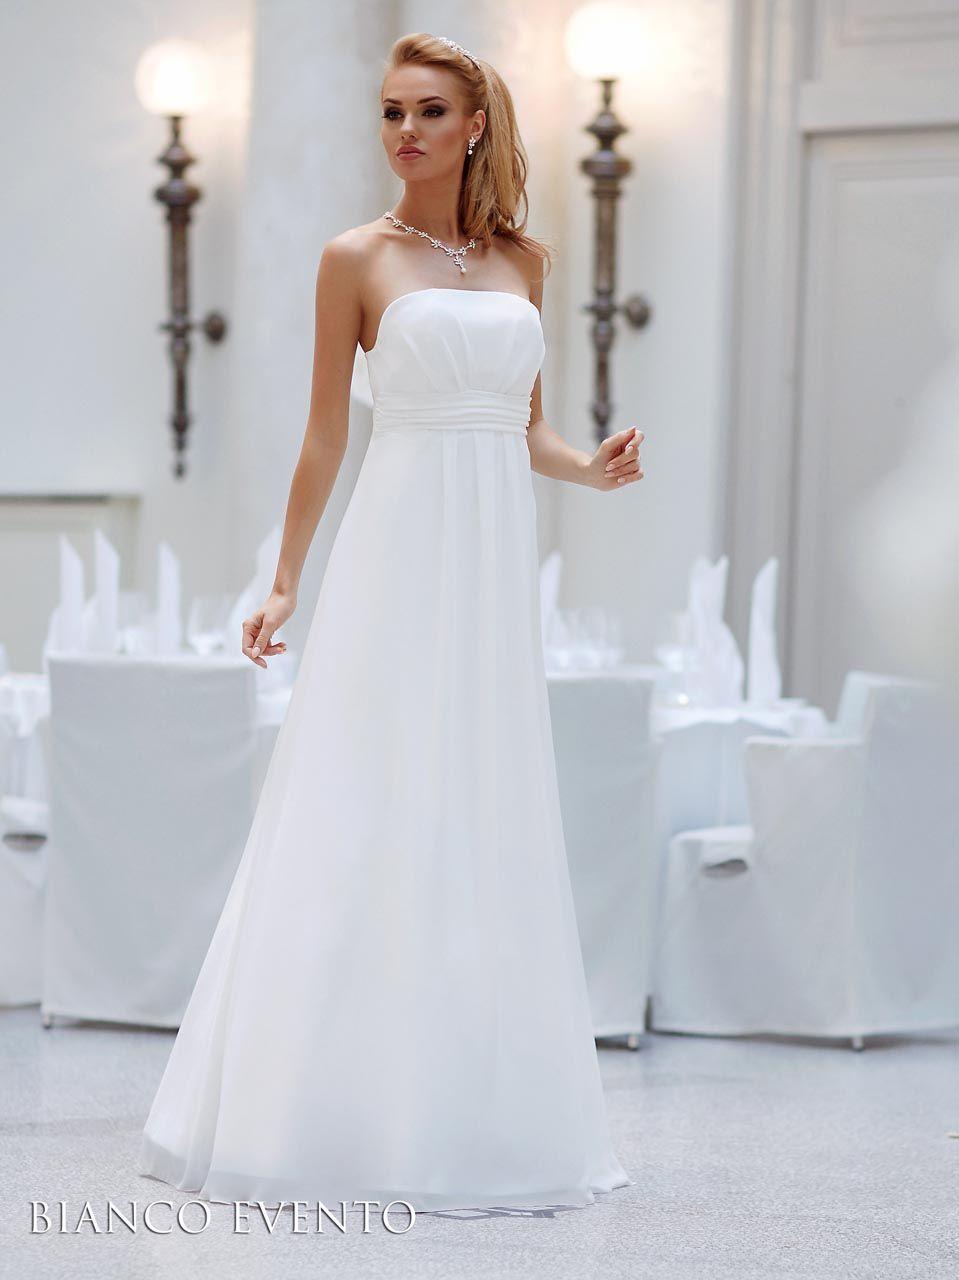 Brautkleider Unter 1000 Euro Marry4love Brautkleid Brautmode Und Hochzeitskleid Berlin Brautkleider Nach M Hochzeitskleid Berlin Brautmode Kleid Hochzeit